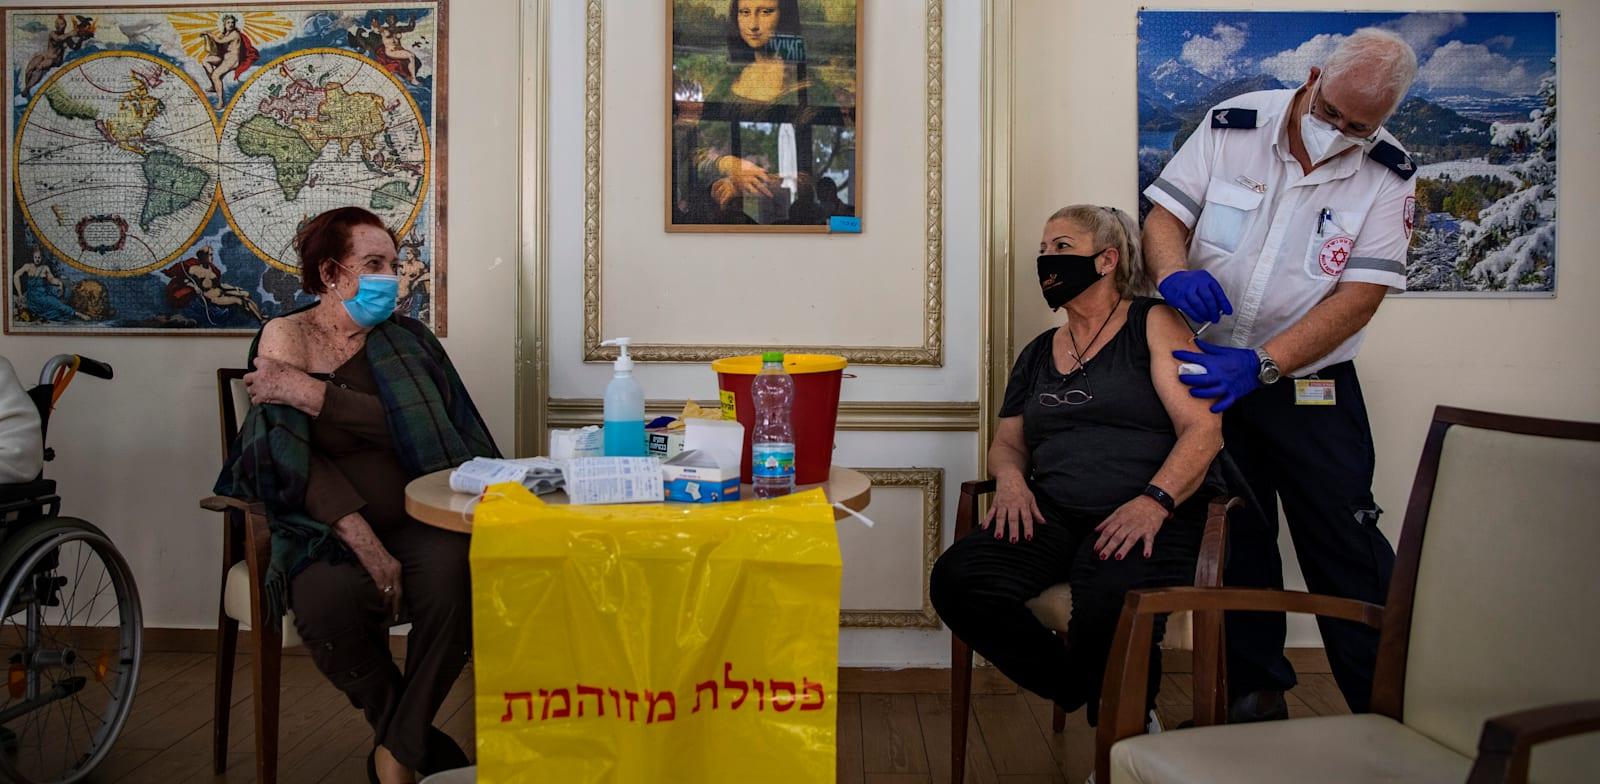 ישראלים מתחסנים לקורונה. שיעור המאומתים בשיא / צילום: Associated Press, Oded Balilt